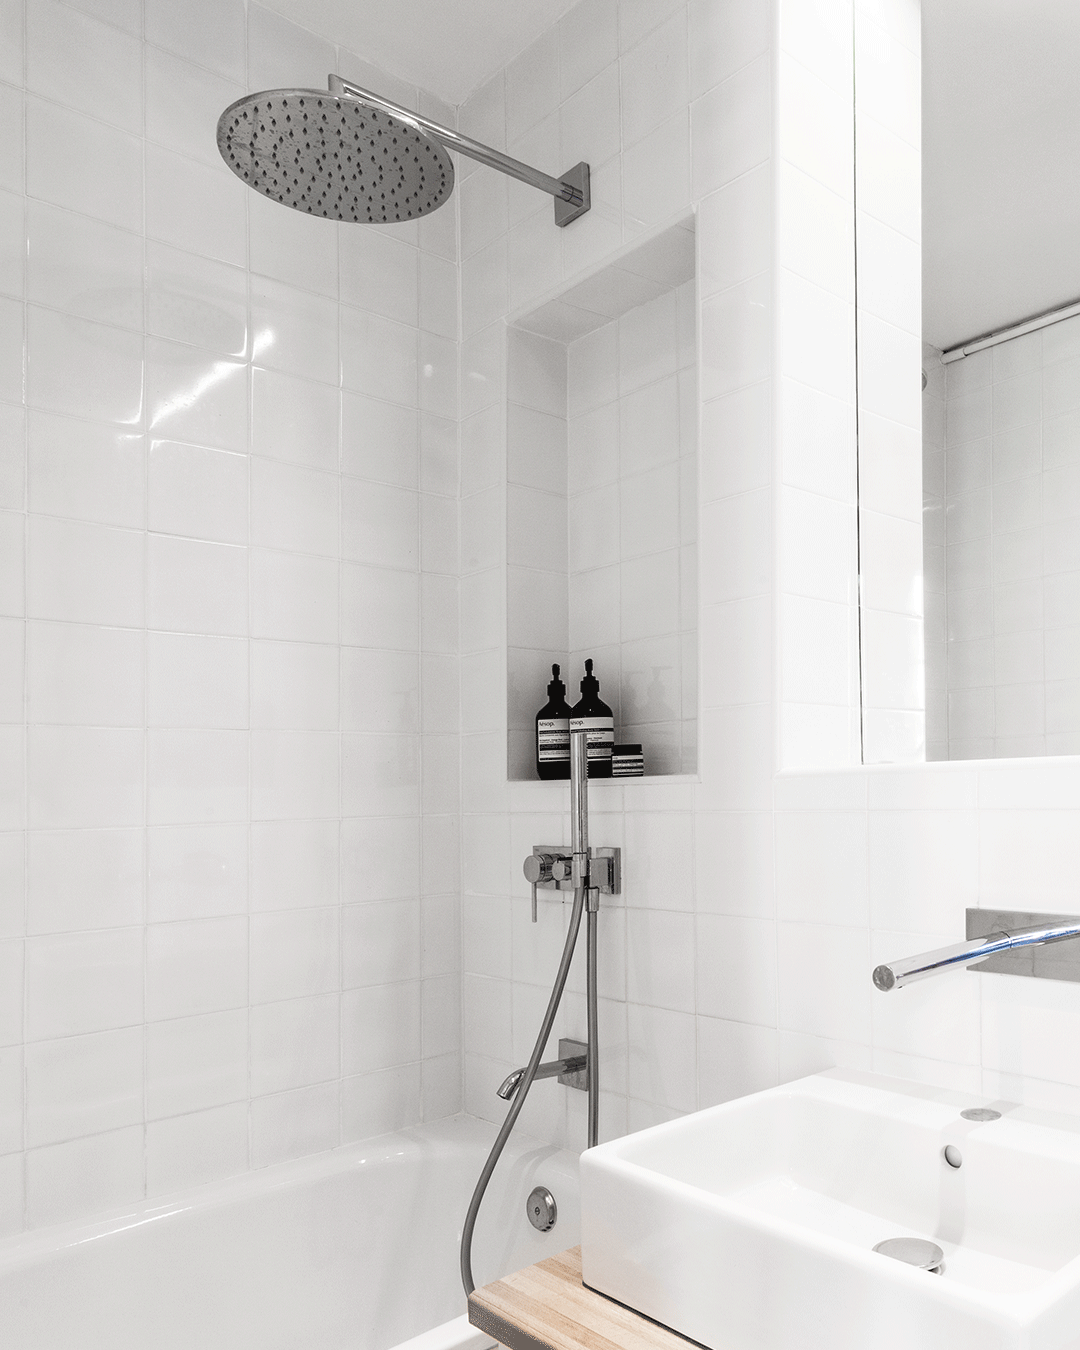 Blesa_Apartment_20.png